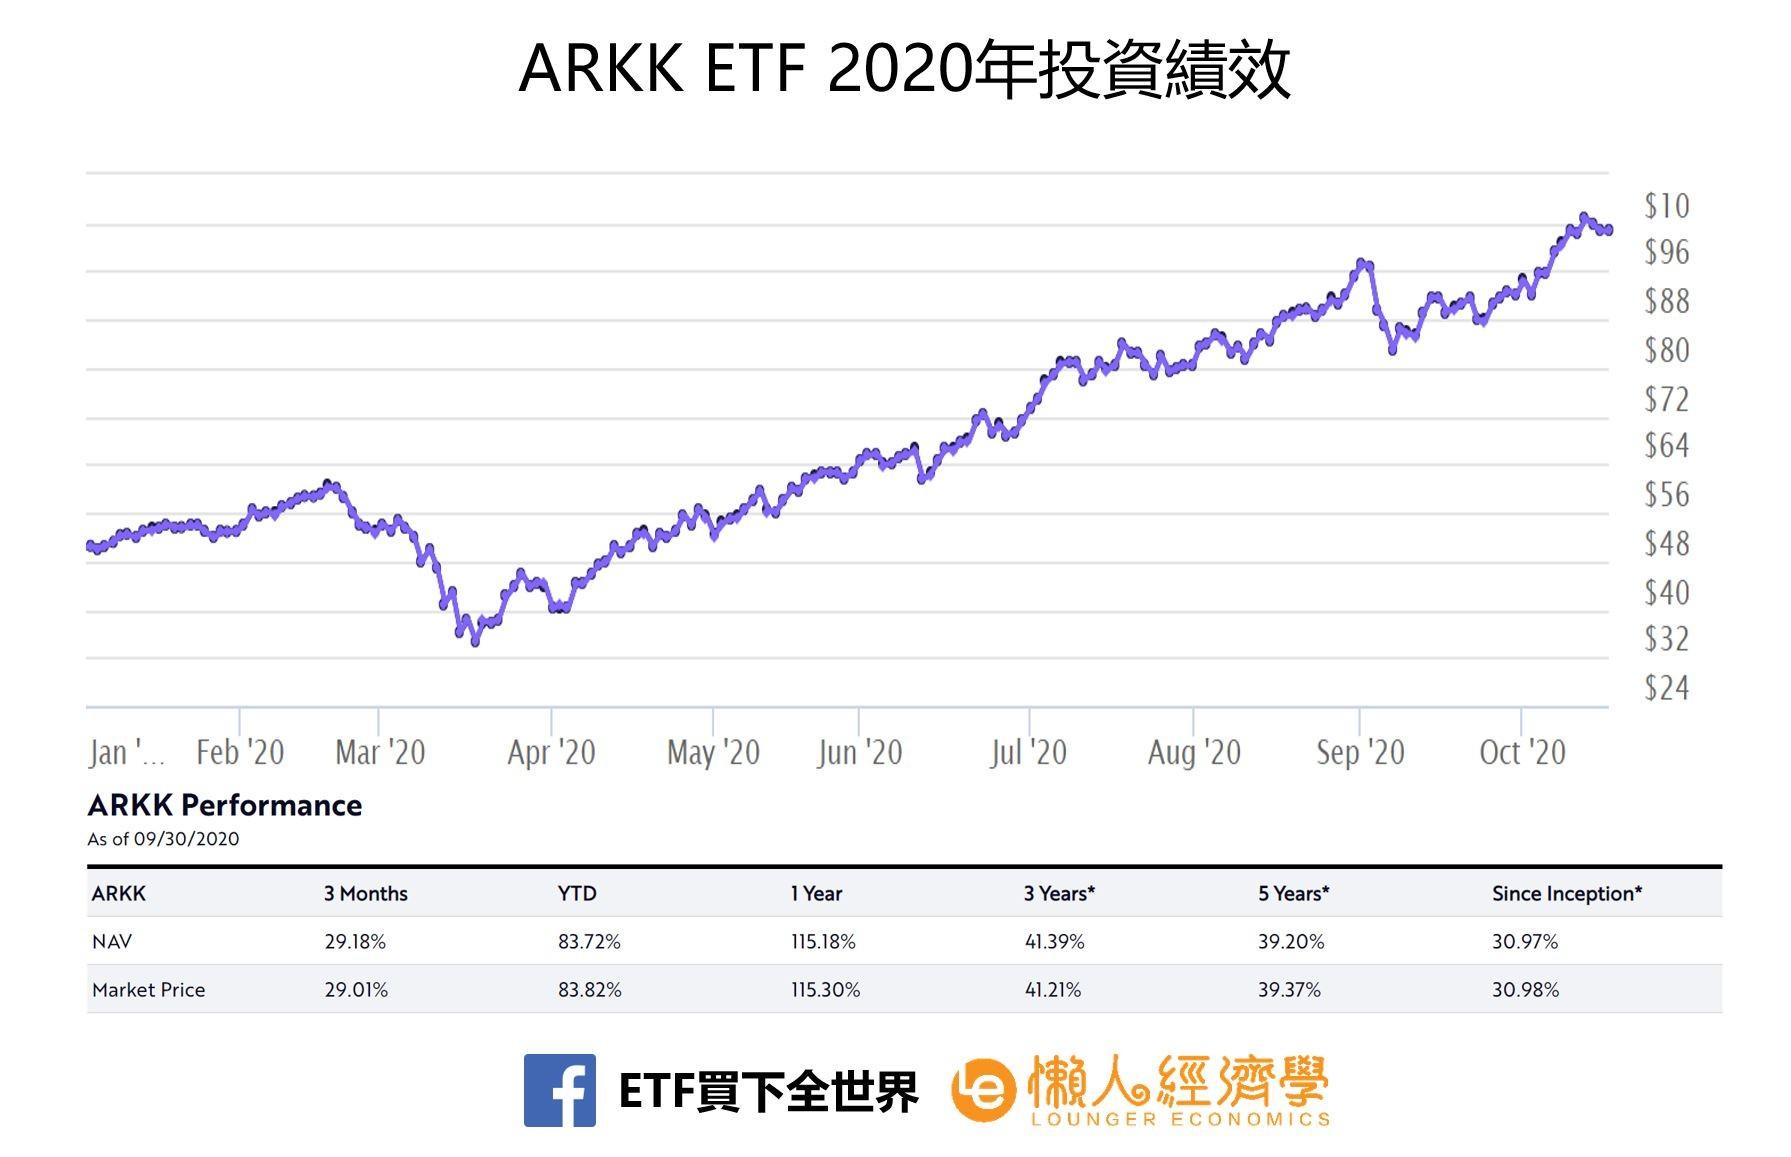 ARKK ETF 2020年投資績效